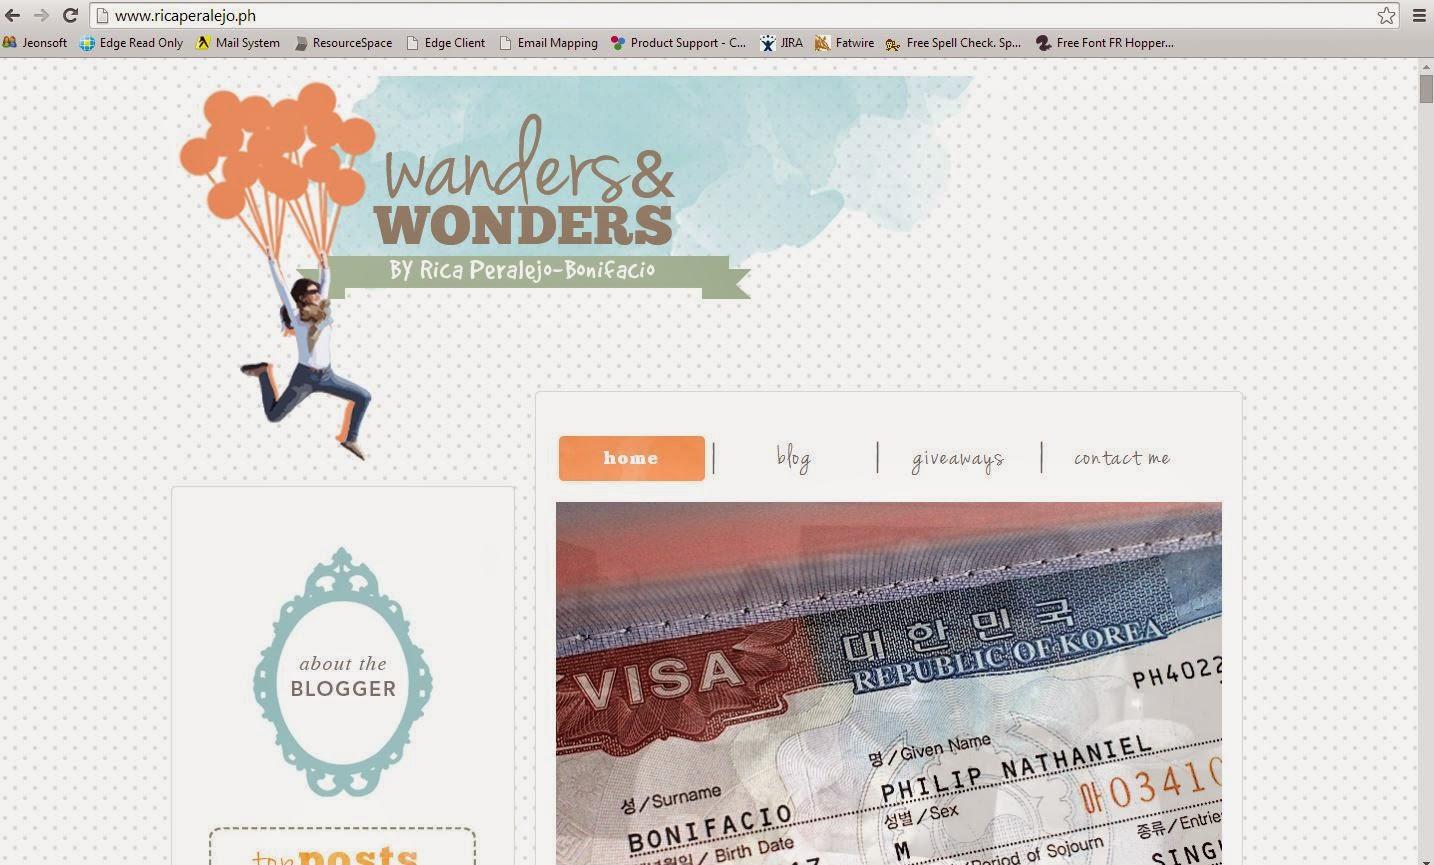 Wanders & Wonders by Rica Peralejo